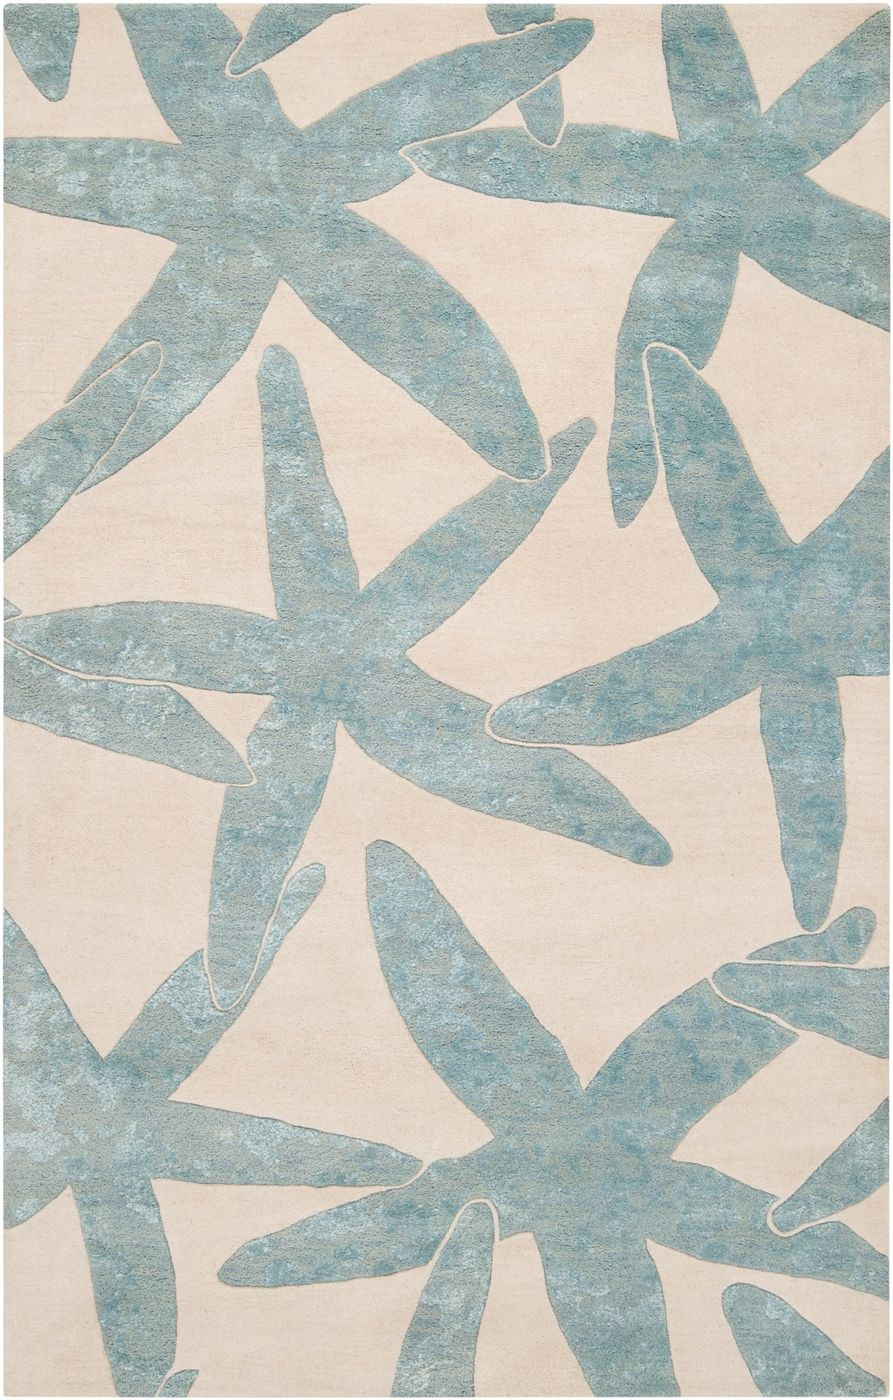 escape starfish area rug - foggy blue on ivory: beach decor